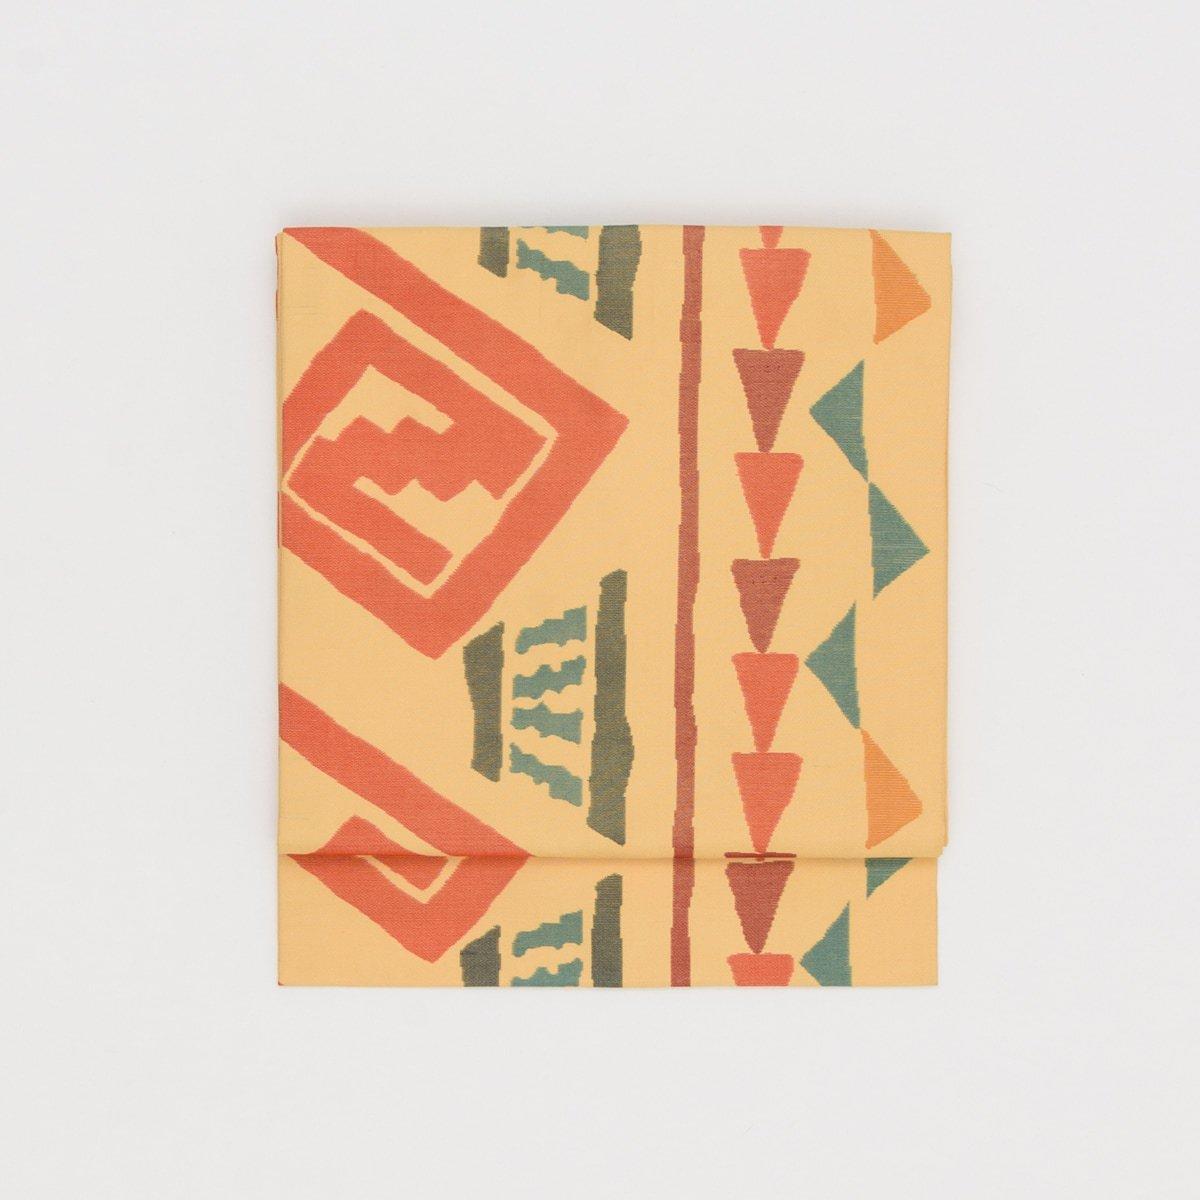 「四角渦巻き 三角並べ」の商品画像